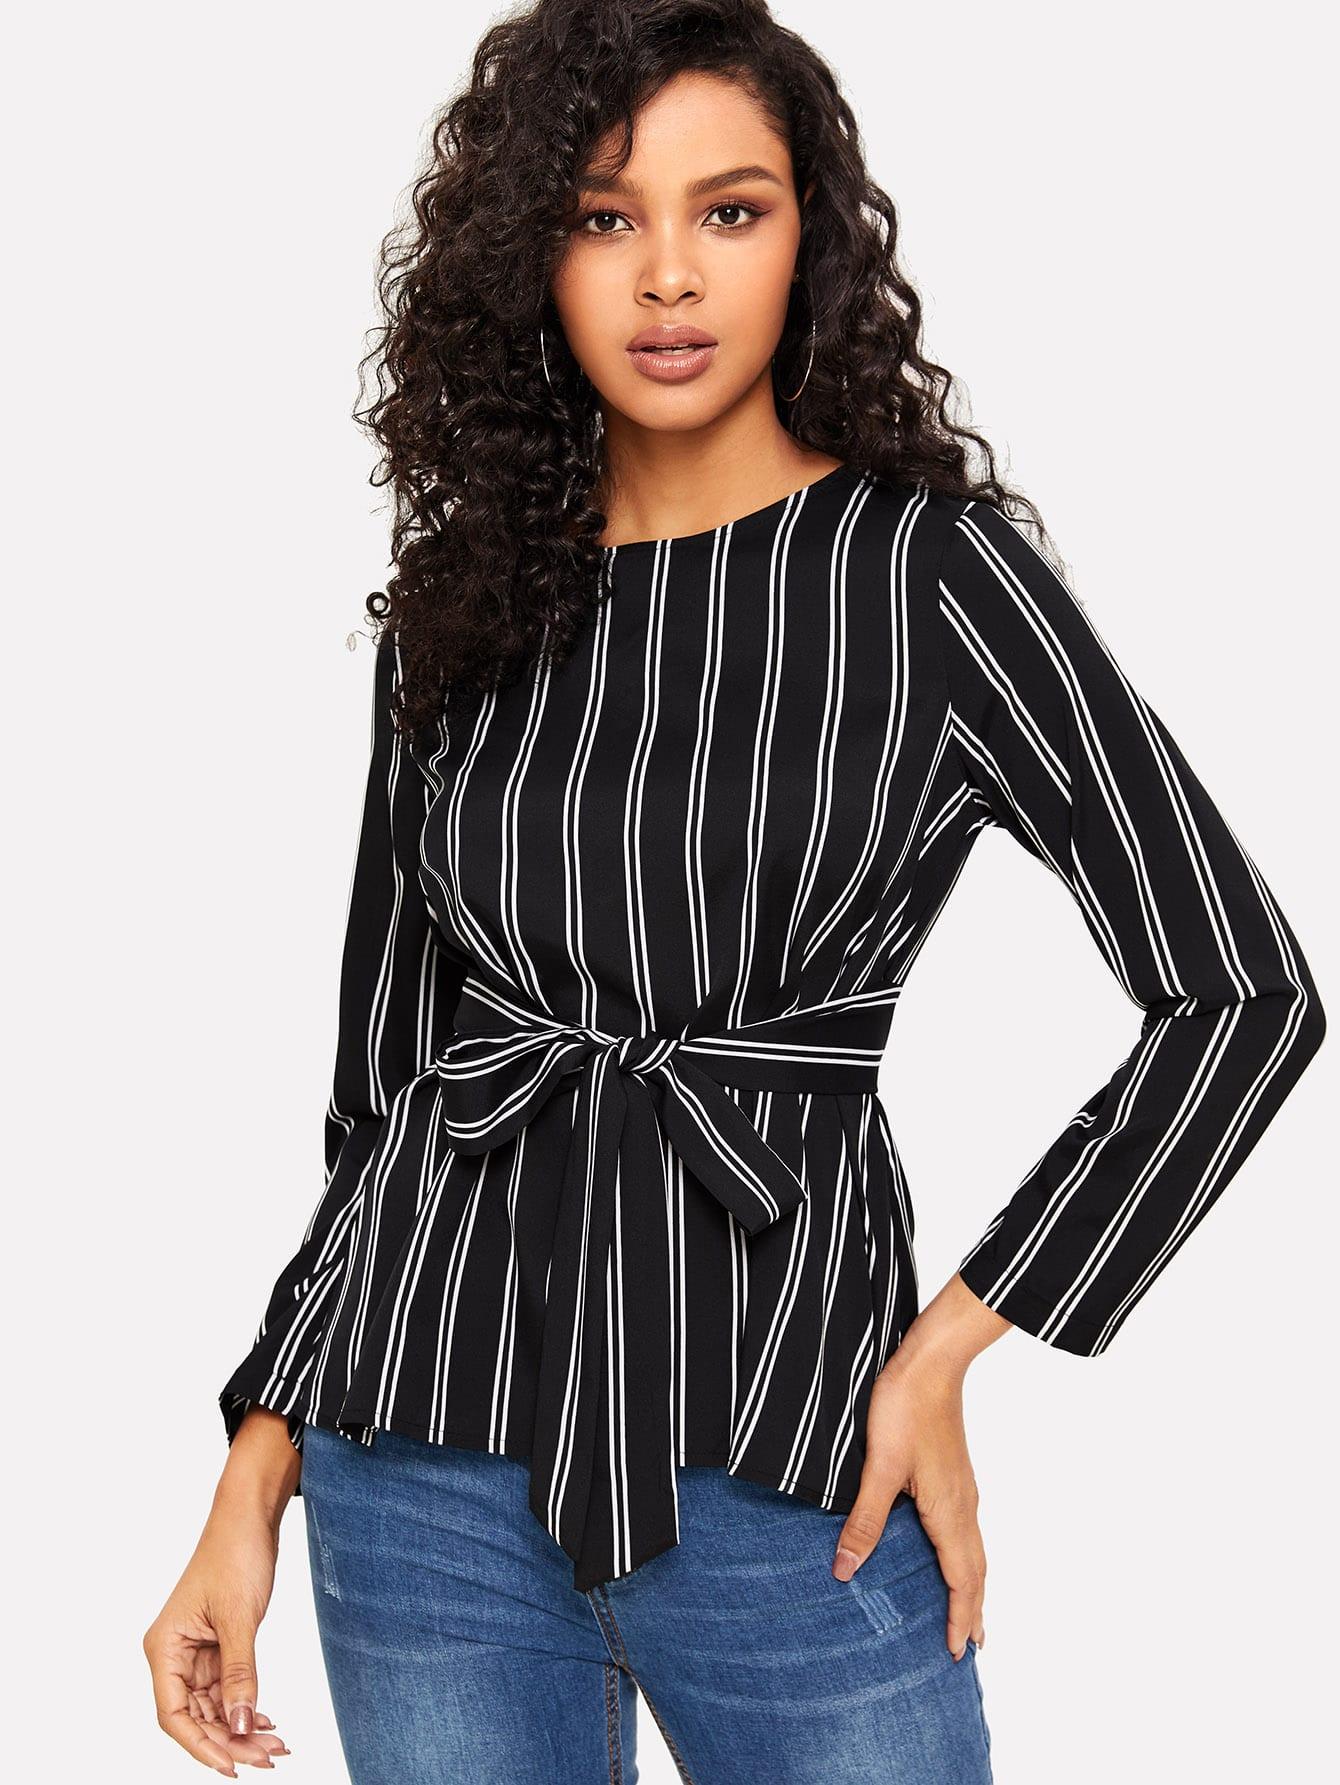 Купить Асимметричная полосатая блуза с поясом, Gigi, SheIn